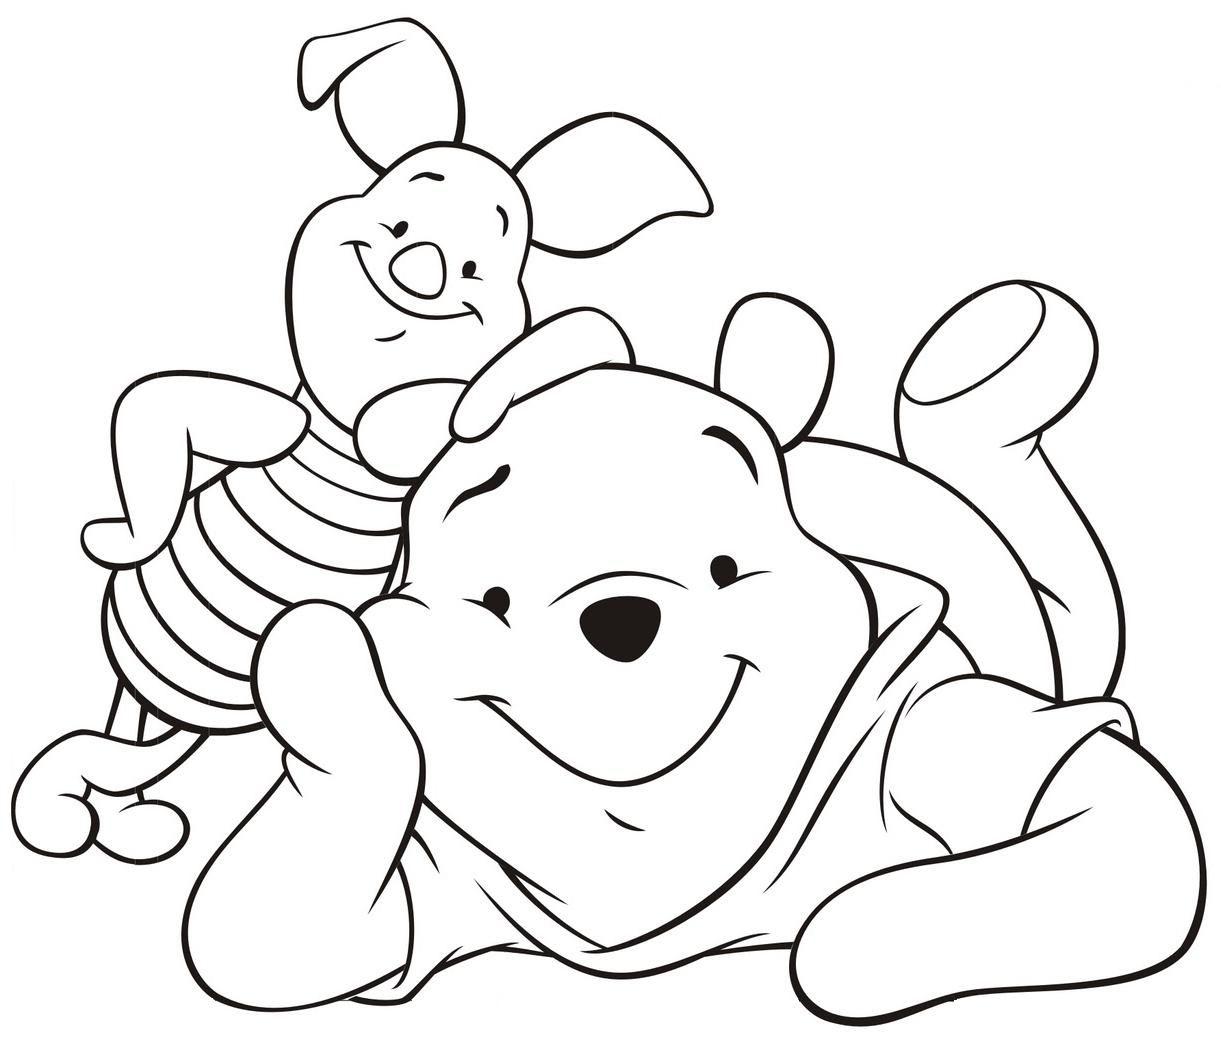 Imagens desenhos para colorir imagens e fotos para facebook